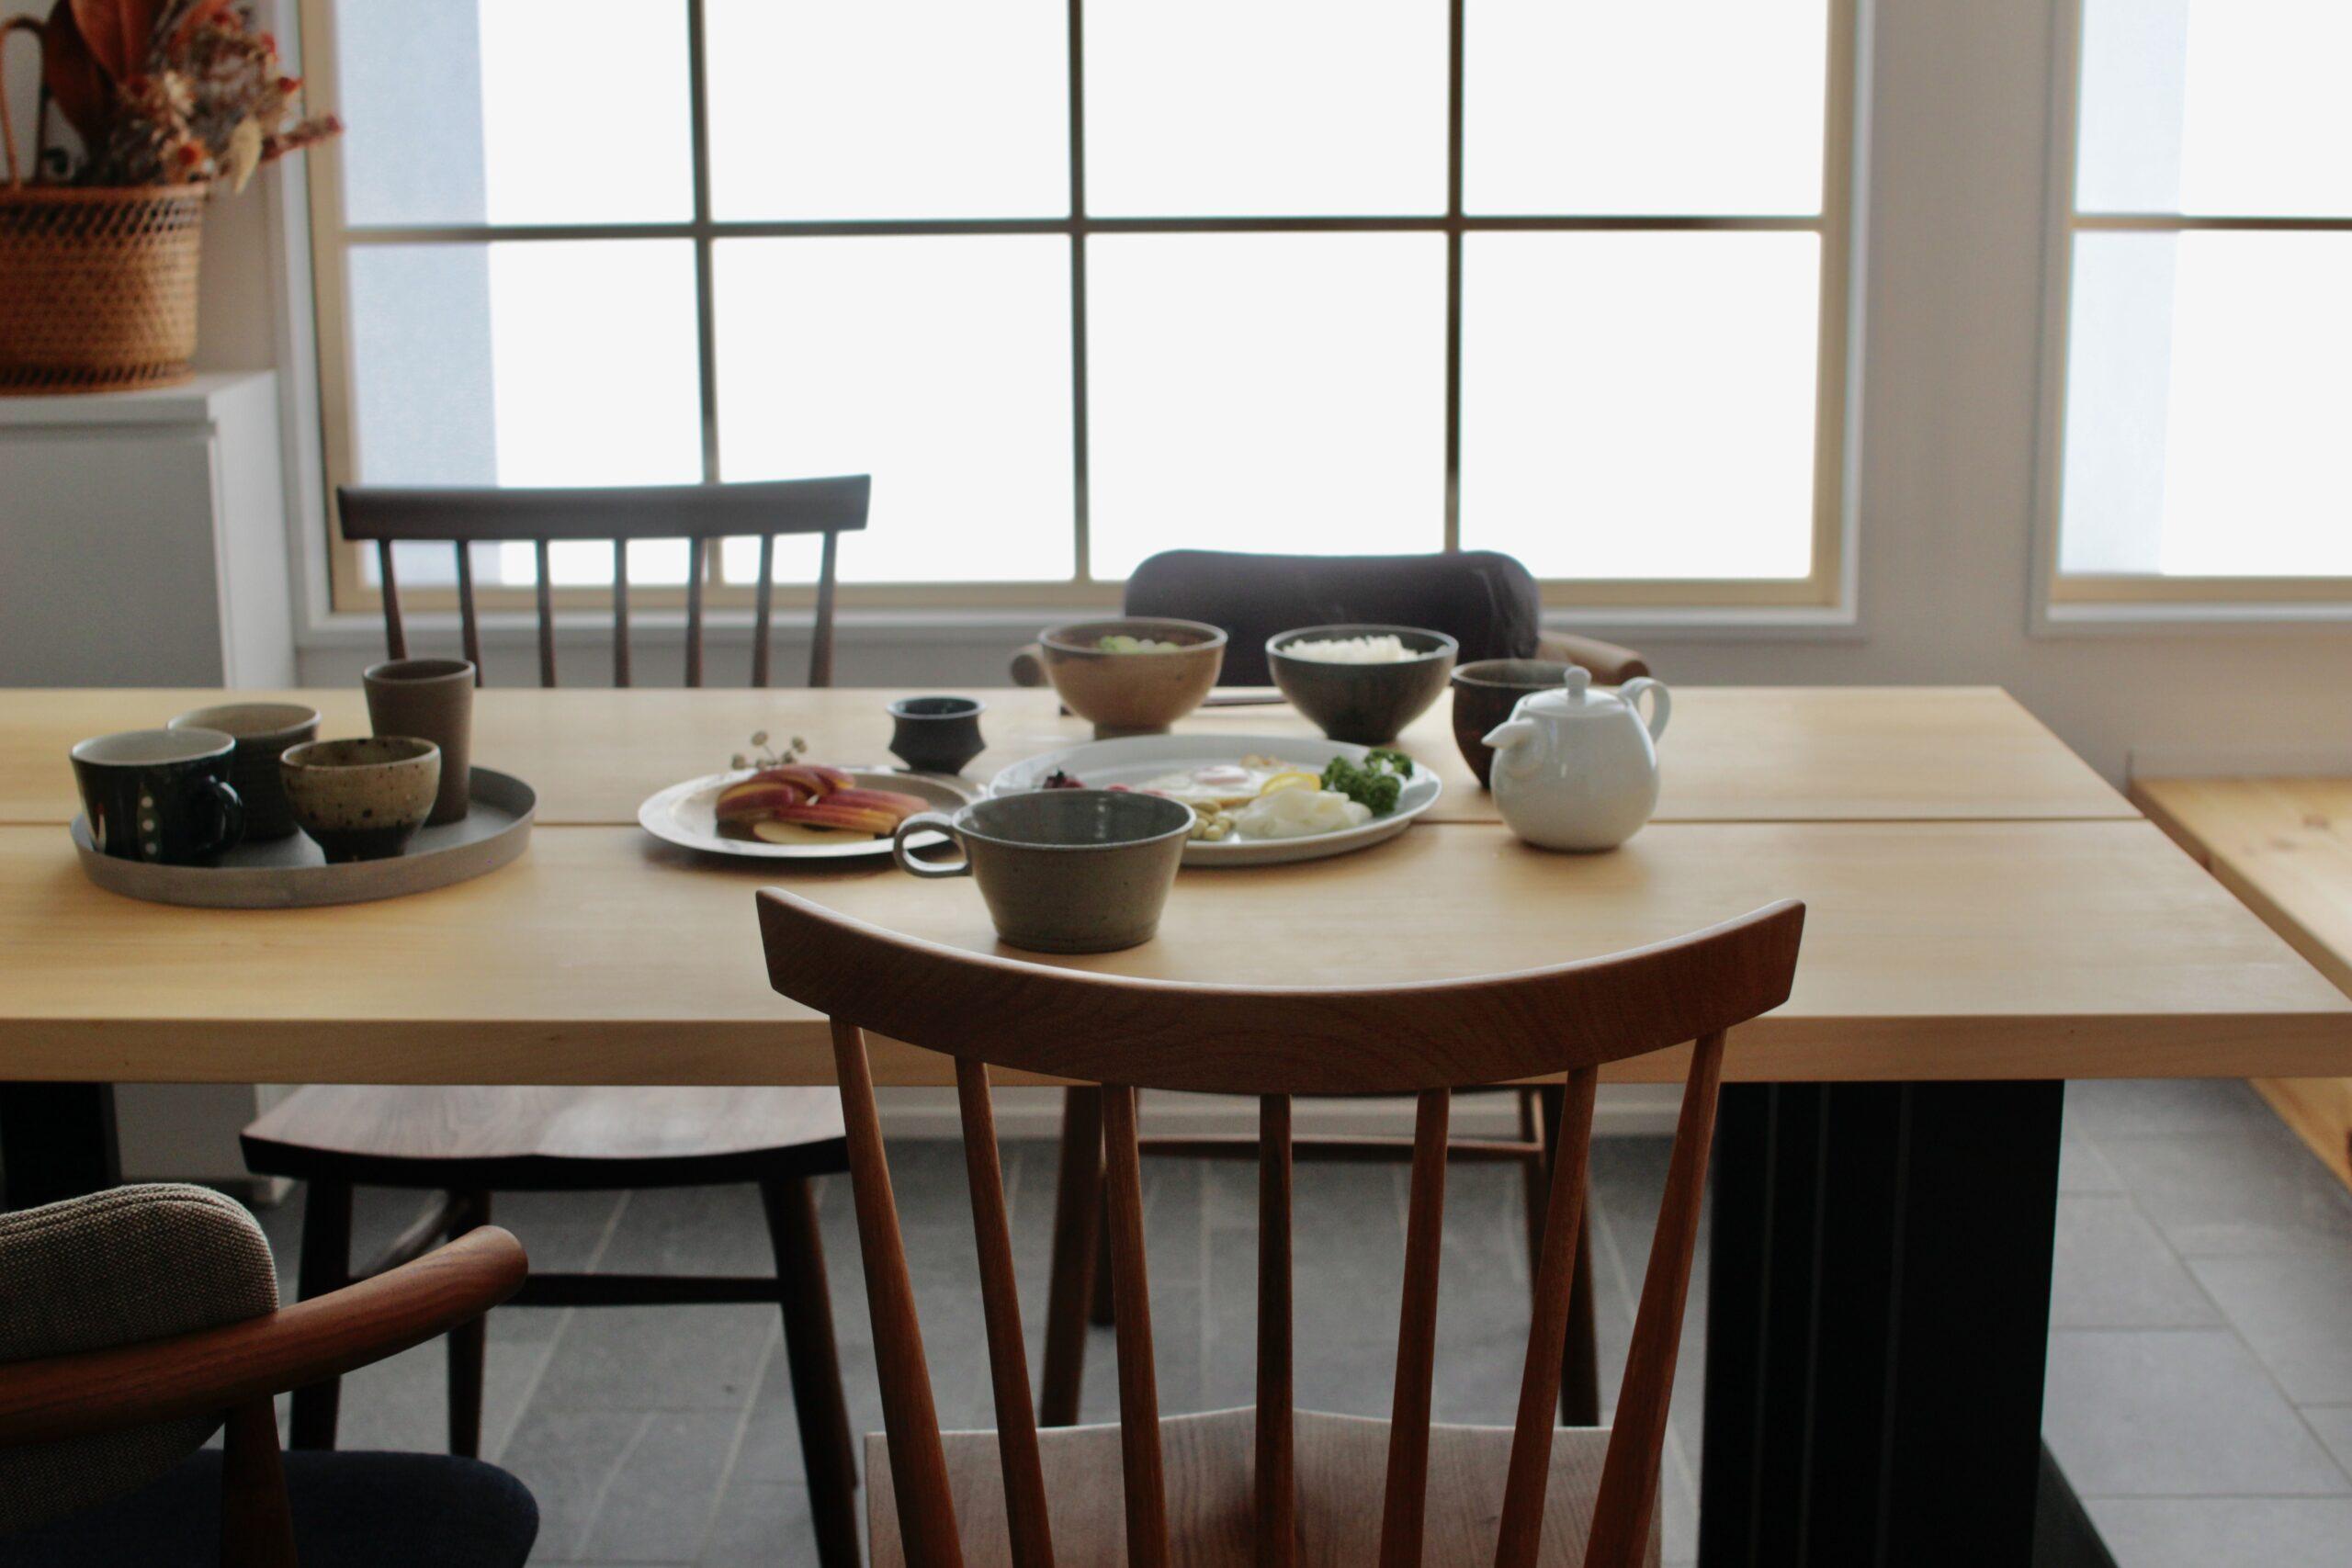 ダイニングテーブル&椅子の傷